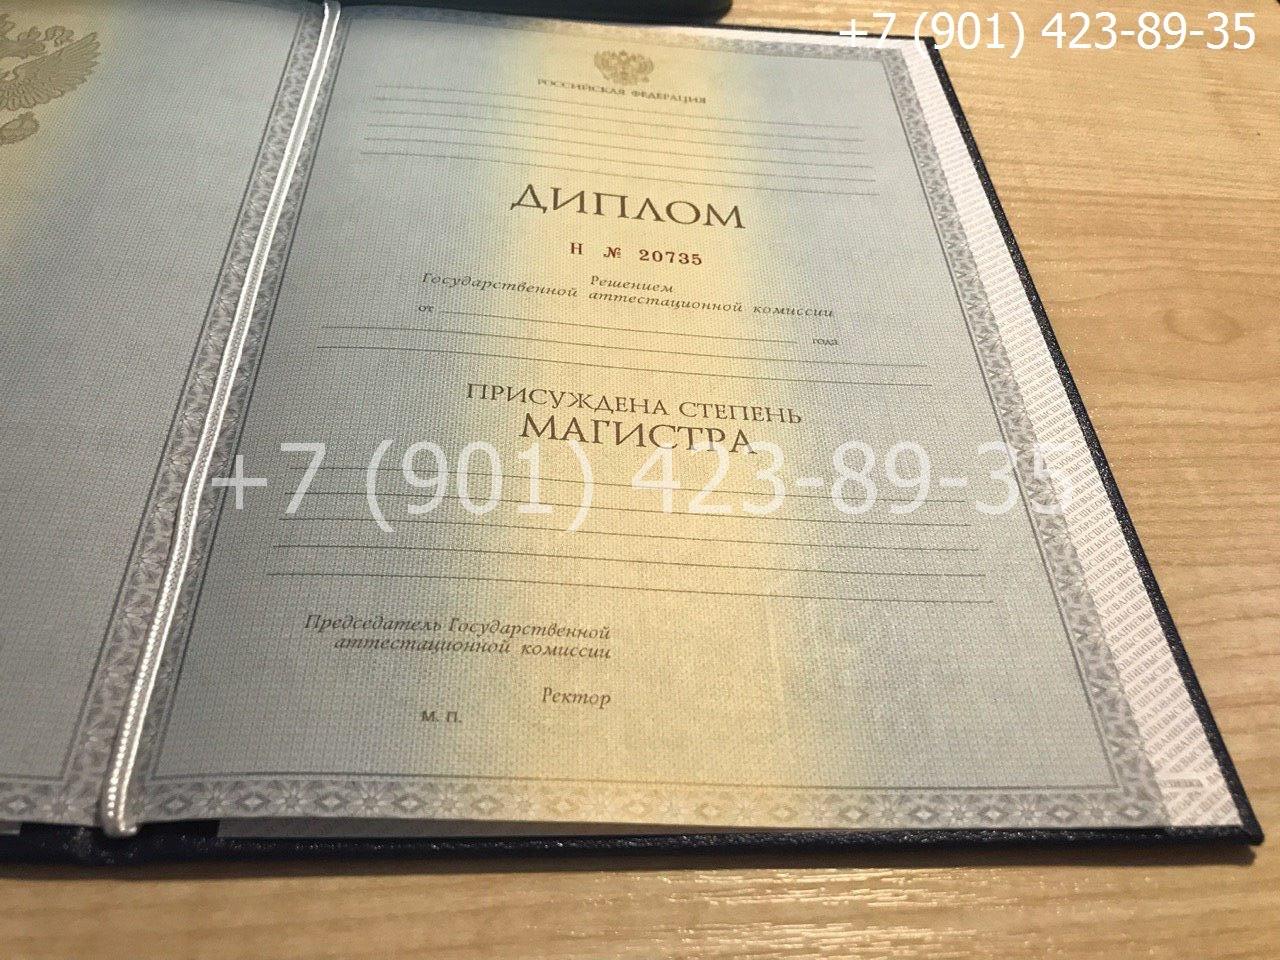 Диплом магистра 2011-2013 годов, образец, титульный лист-1